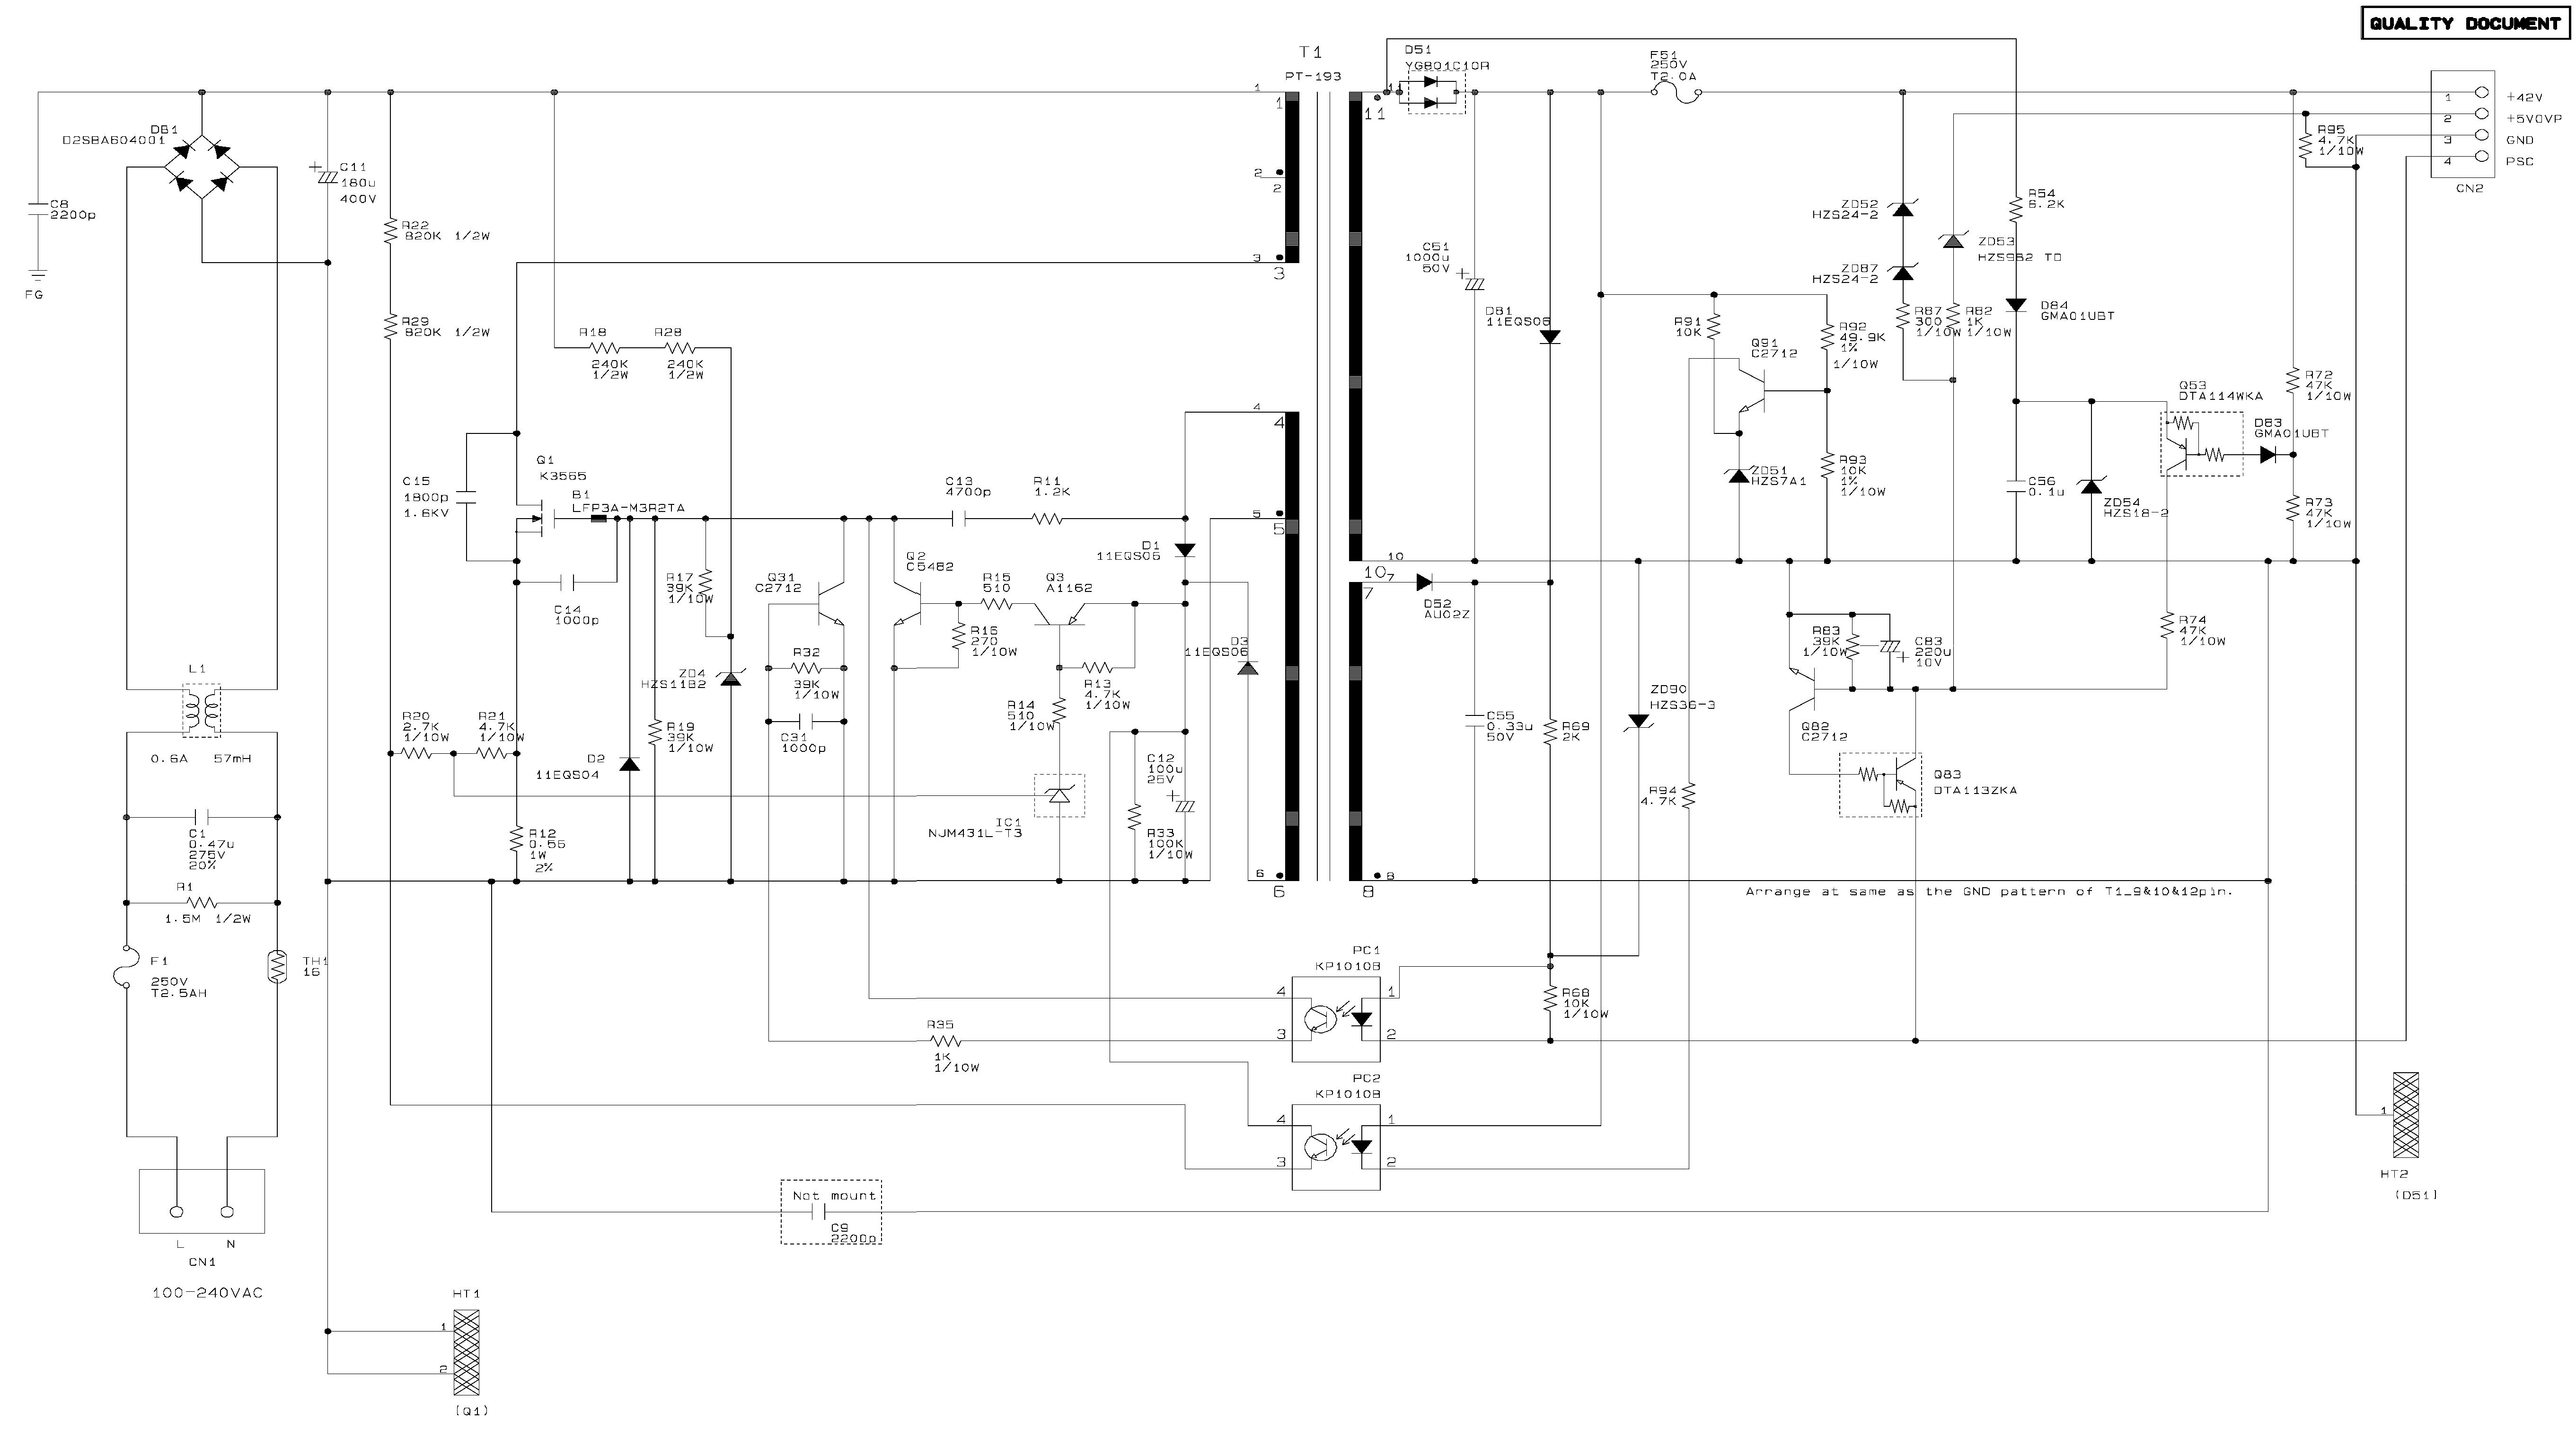 Блок питания схема принтера| Обозначения на схемах: http://gerden.sytes.net/2013/05/blok-pitaniya-shema-printera/